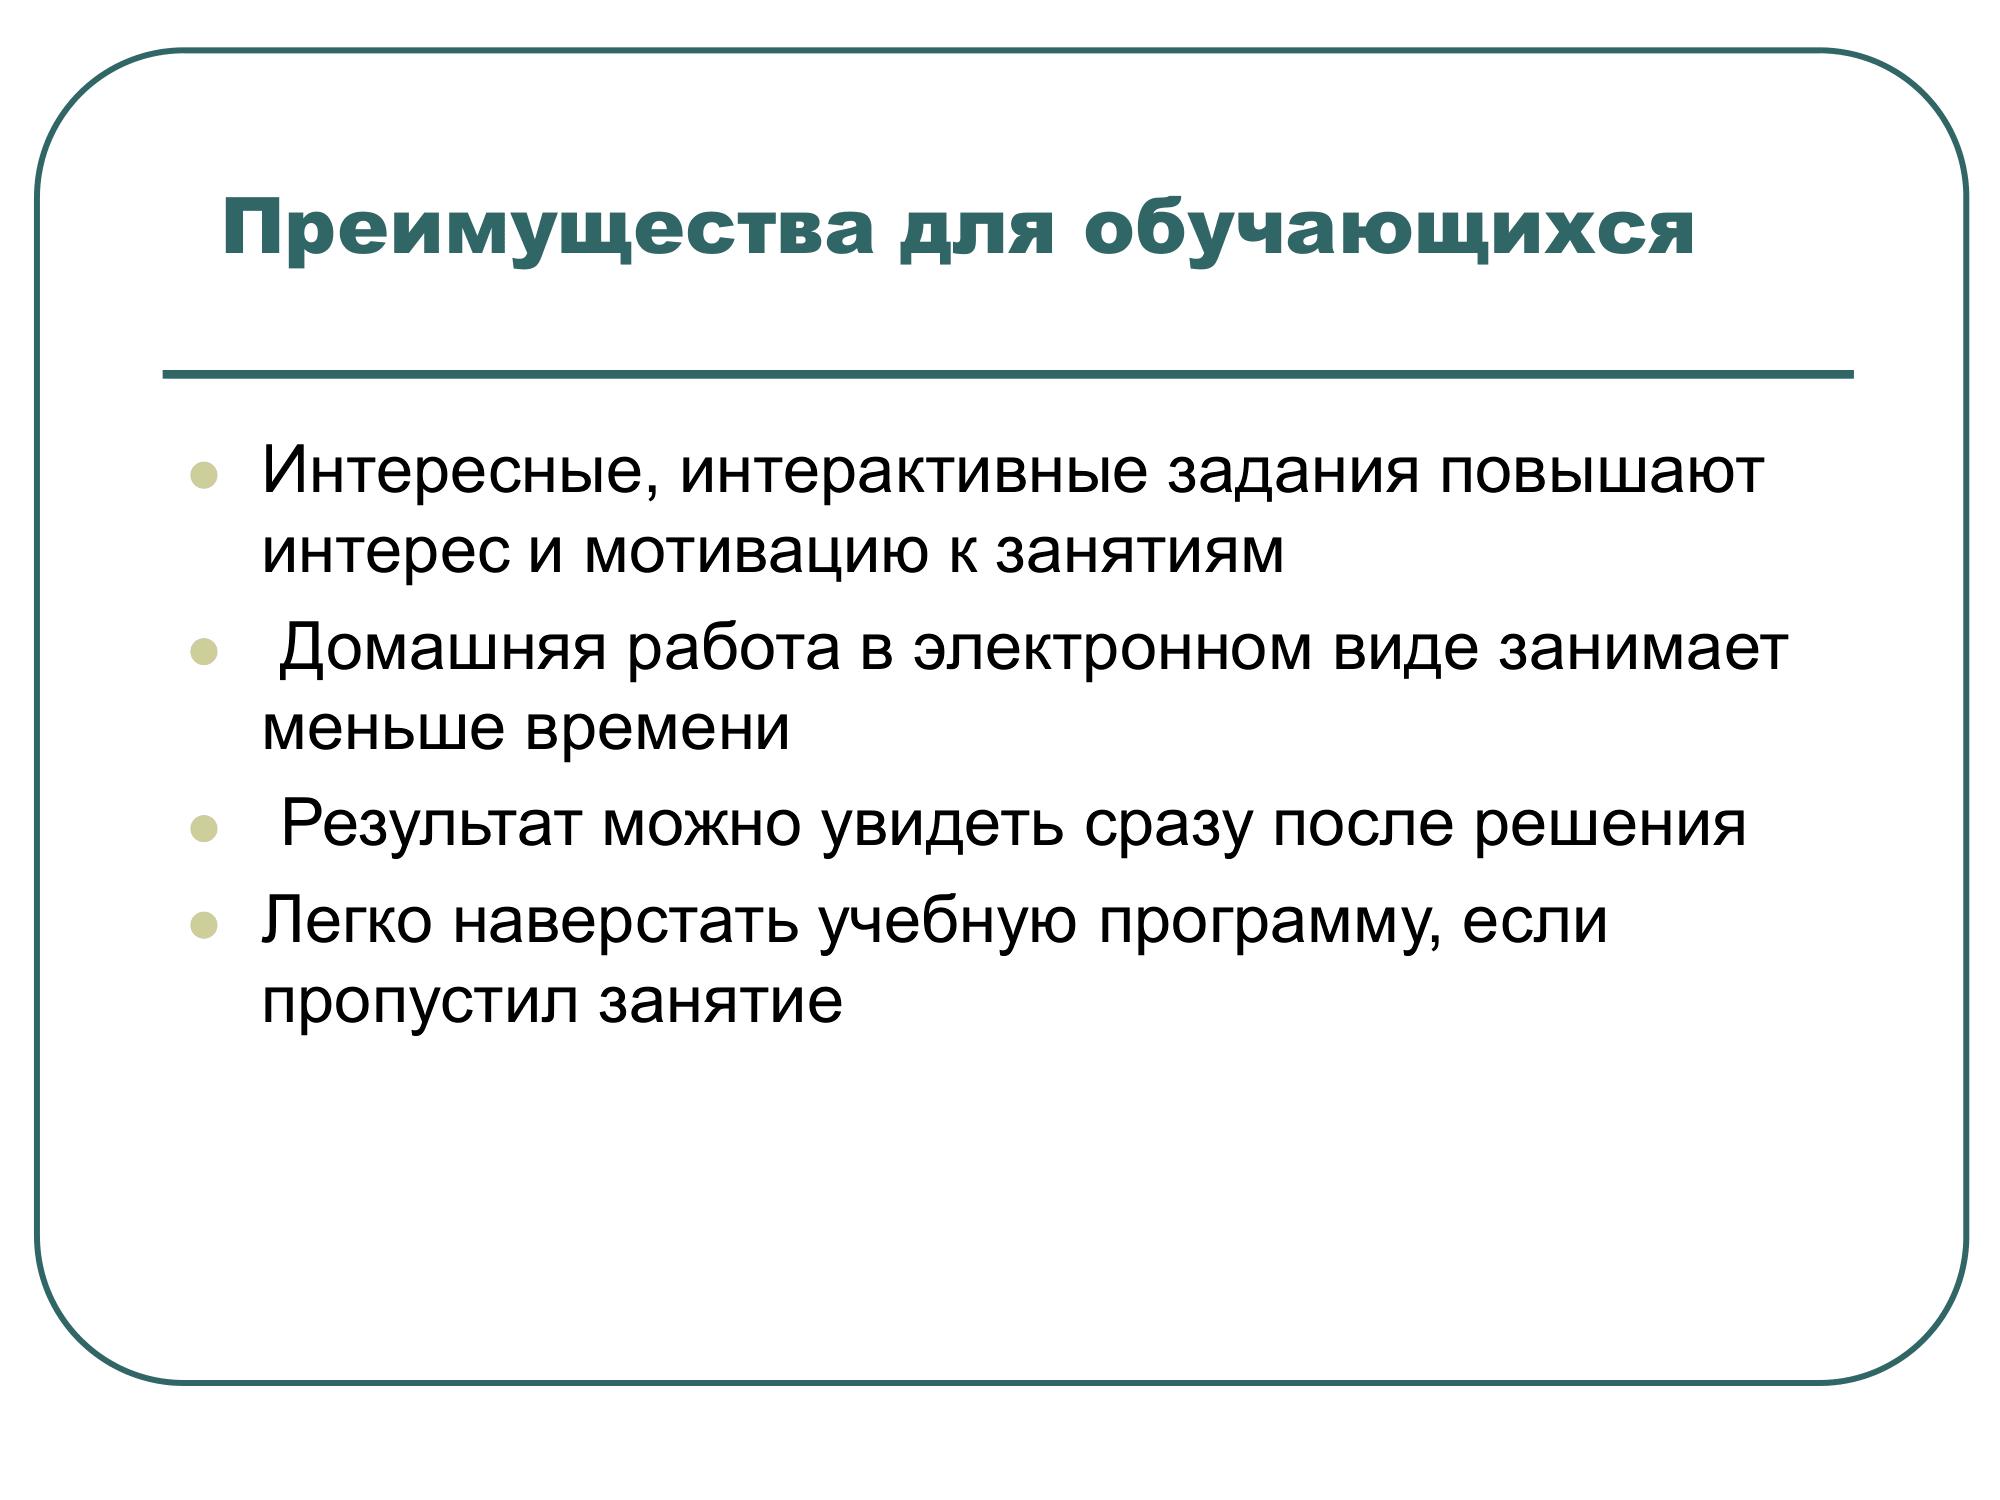 яндекс учебник. Презентация к докладу Васильченко Т.В._0004